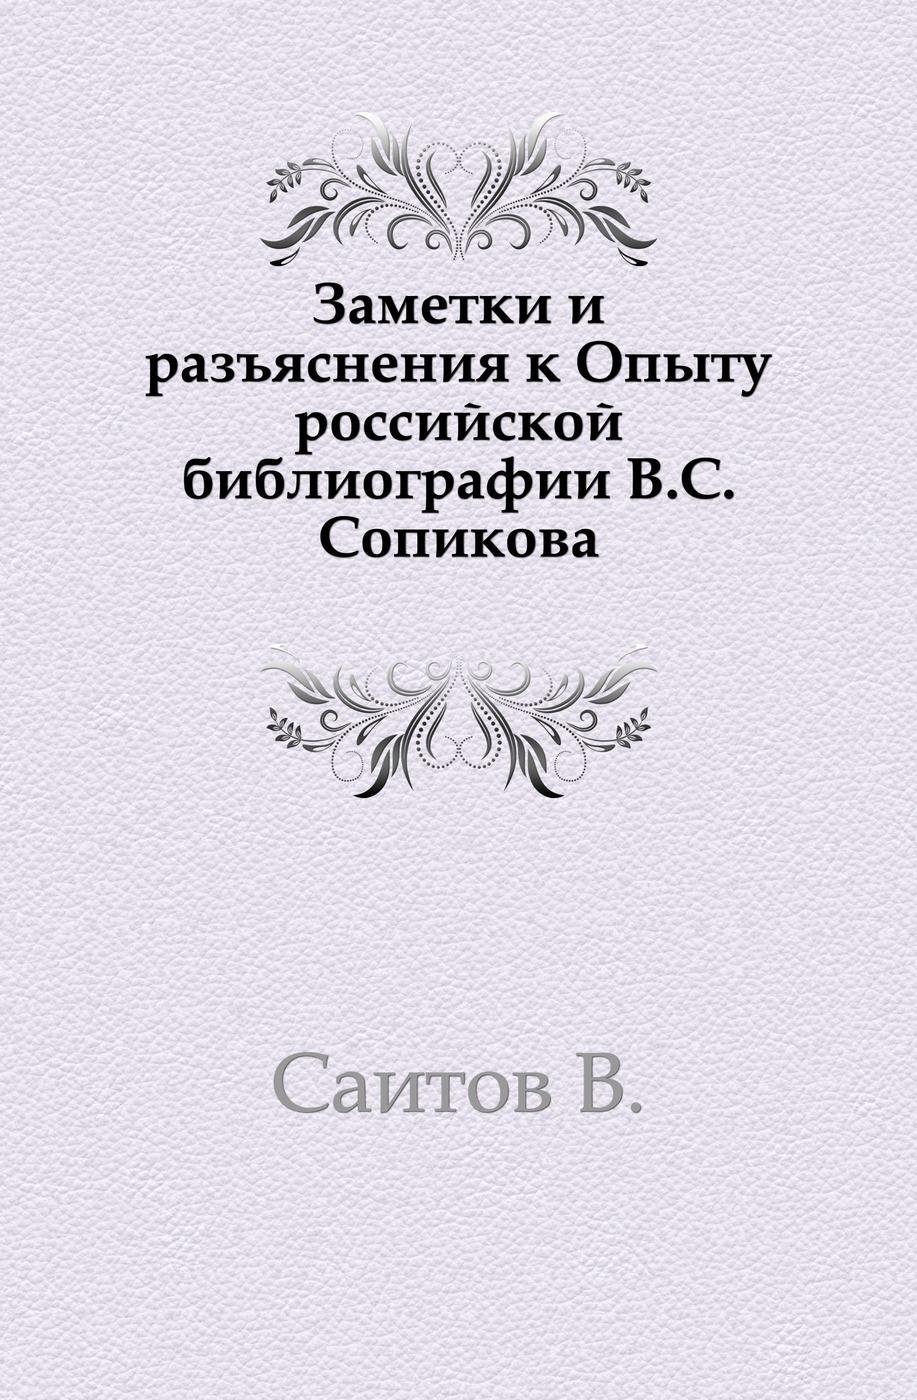 Заметки и разъяснения к Опыту российской библиографии В.С.Сопикова